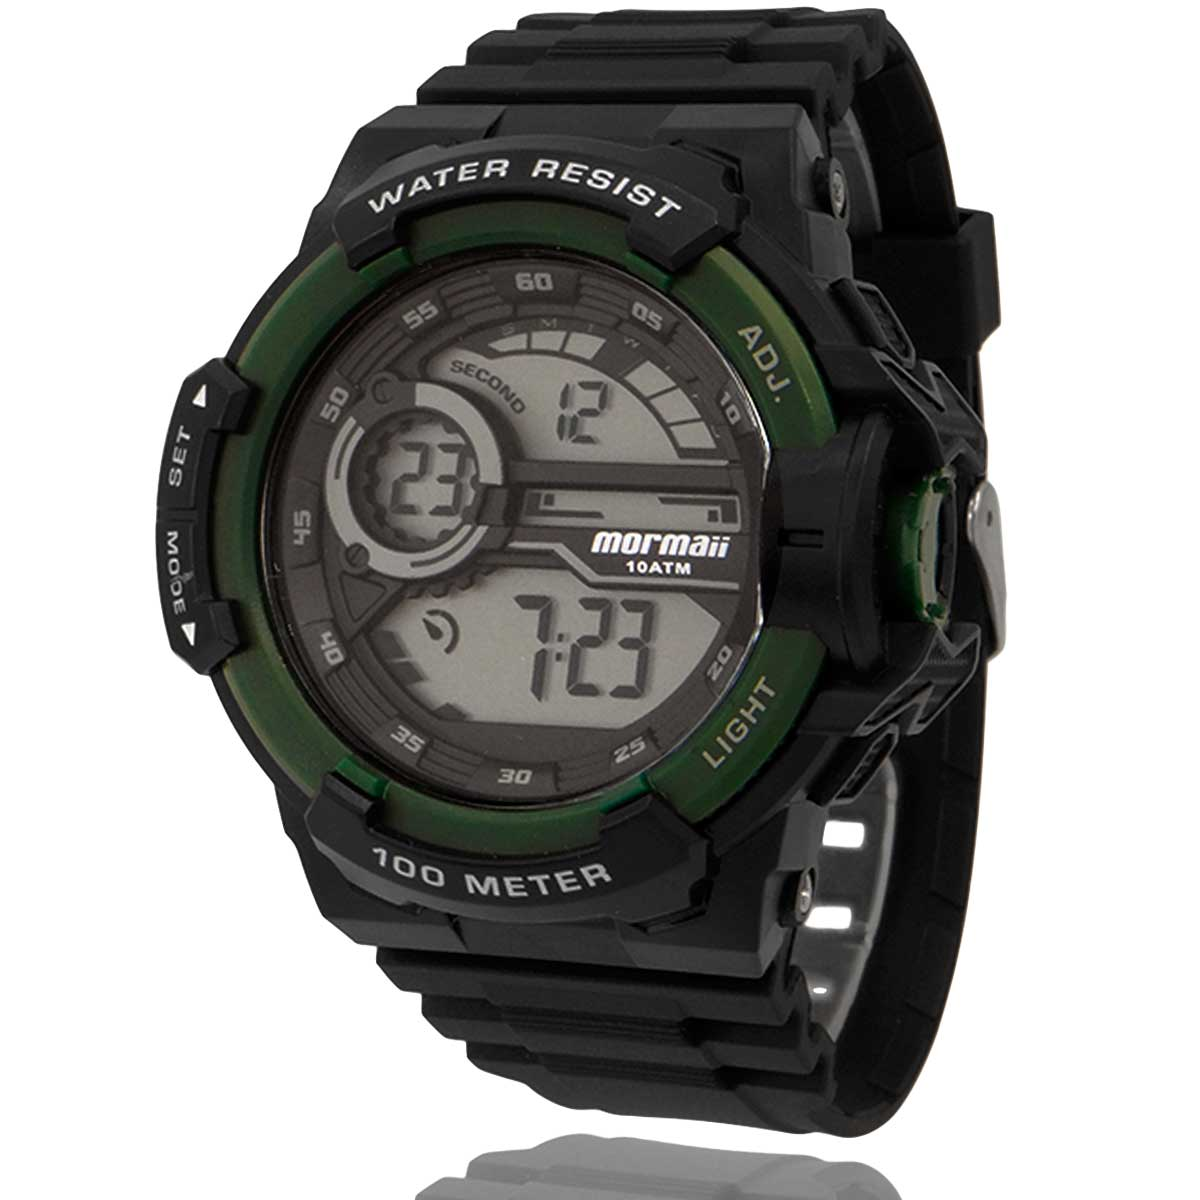 Relógio Digital Masculino Mormaii Preto com Carteira Lebrave Brinde MO3660AD8V